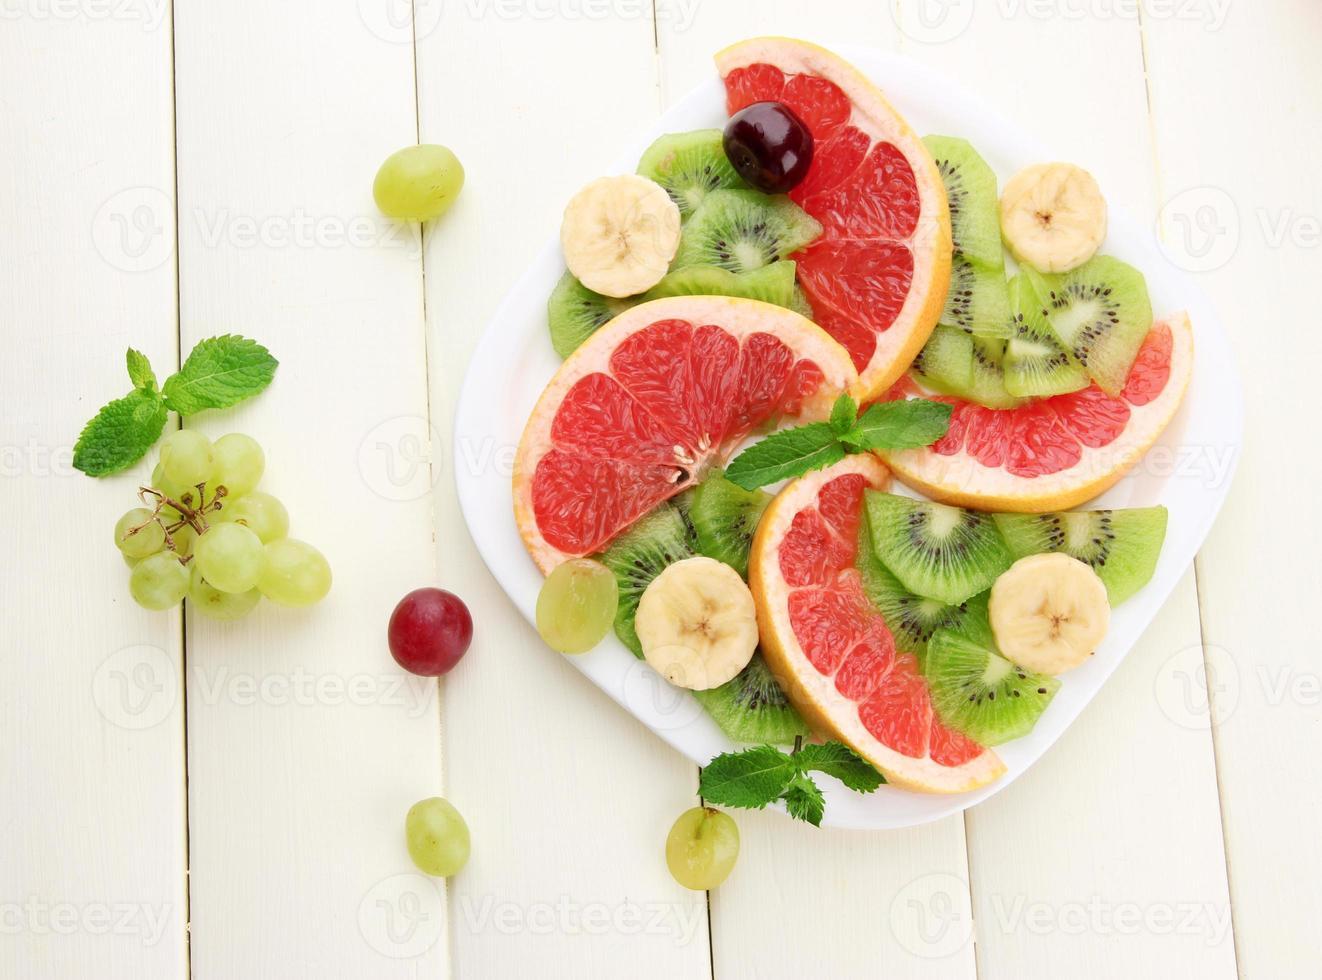 Surtido de frutas en rodajas, en mesa de madera blanca foto